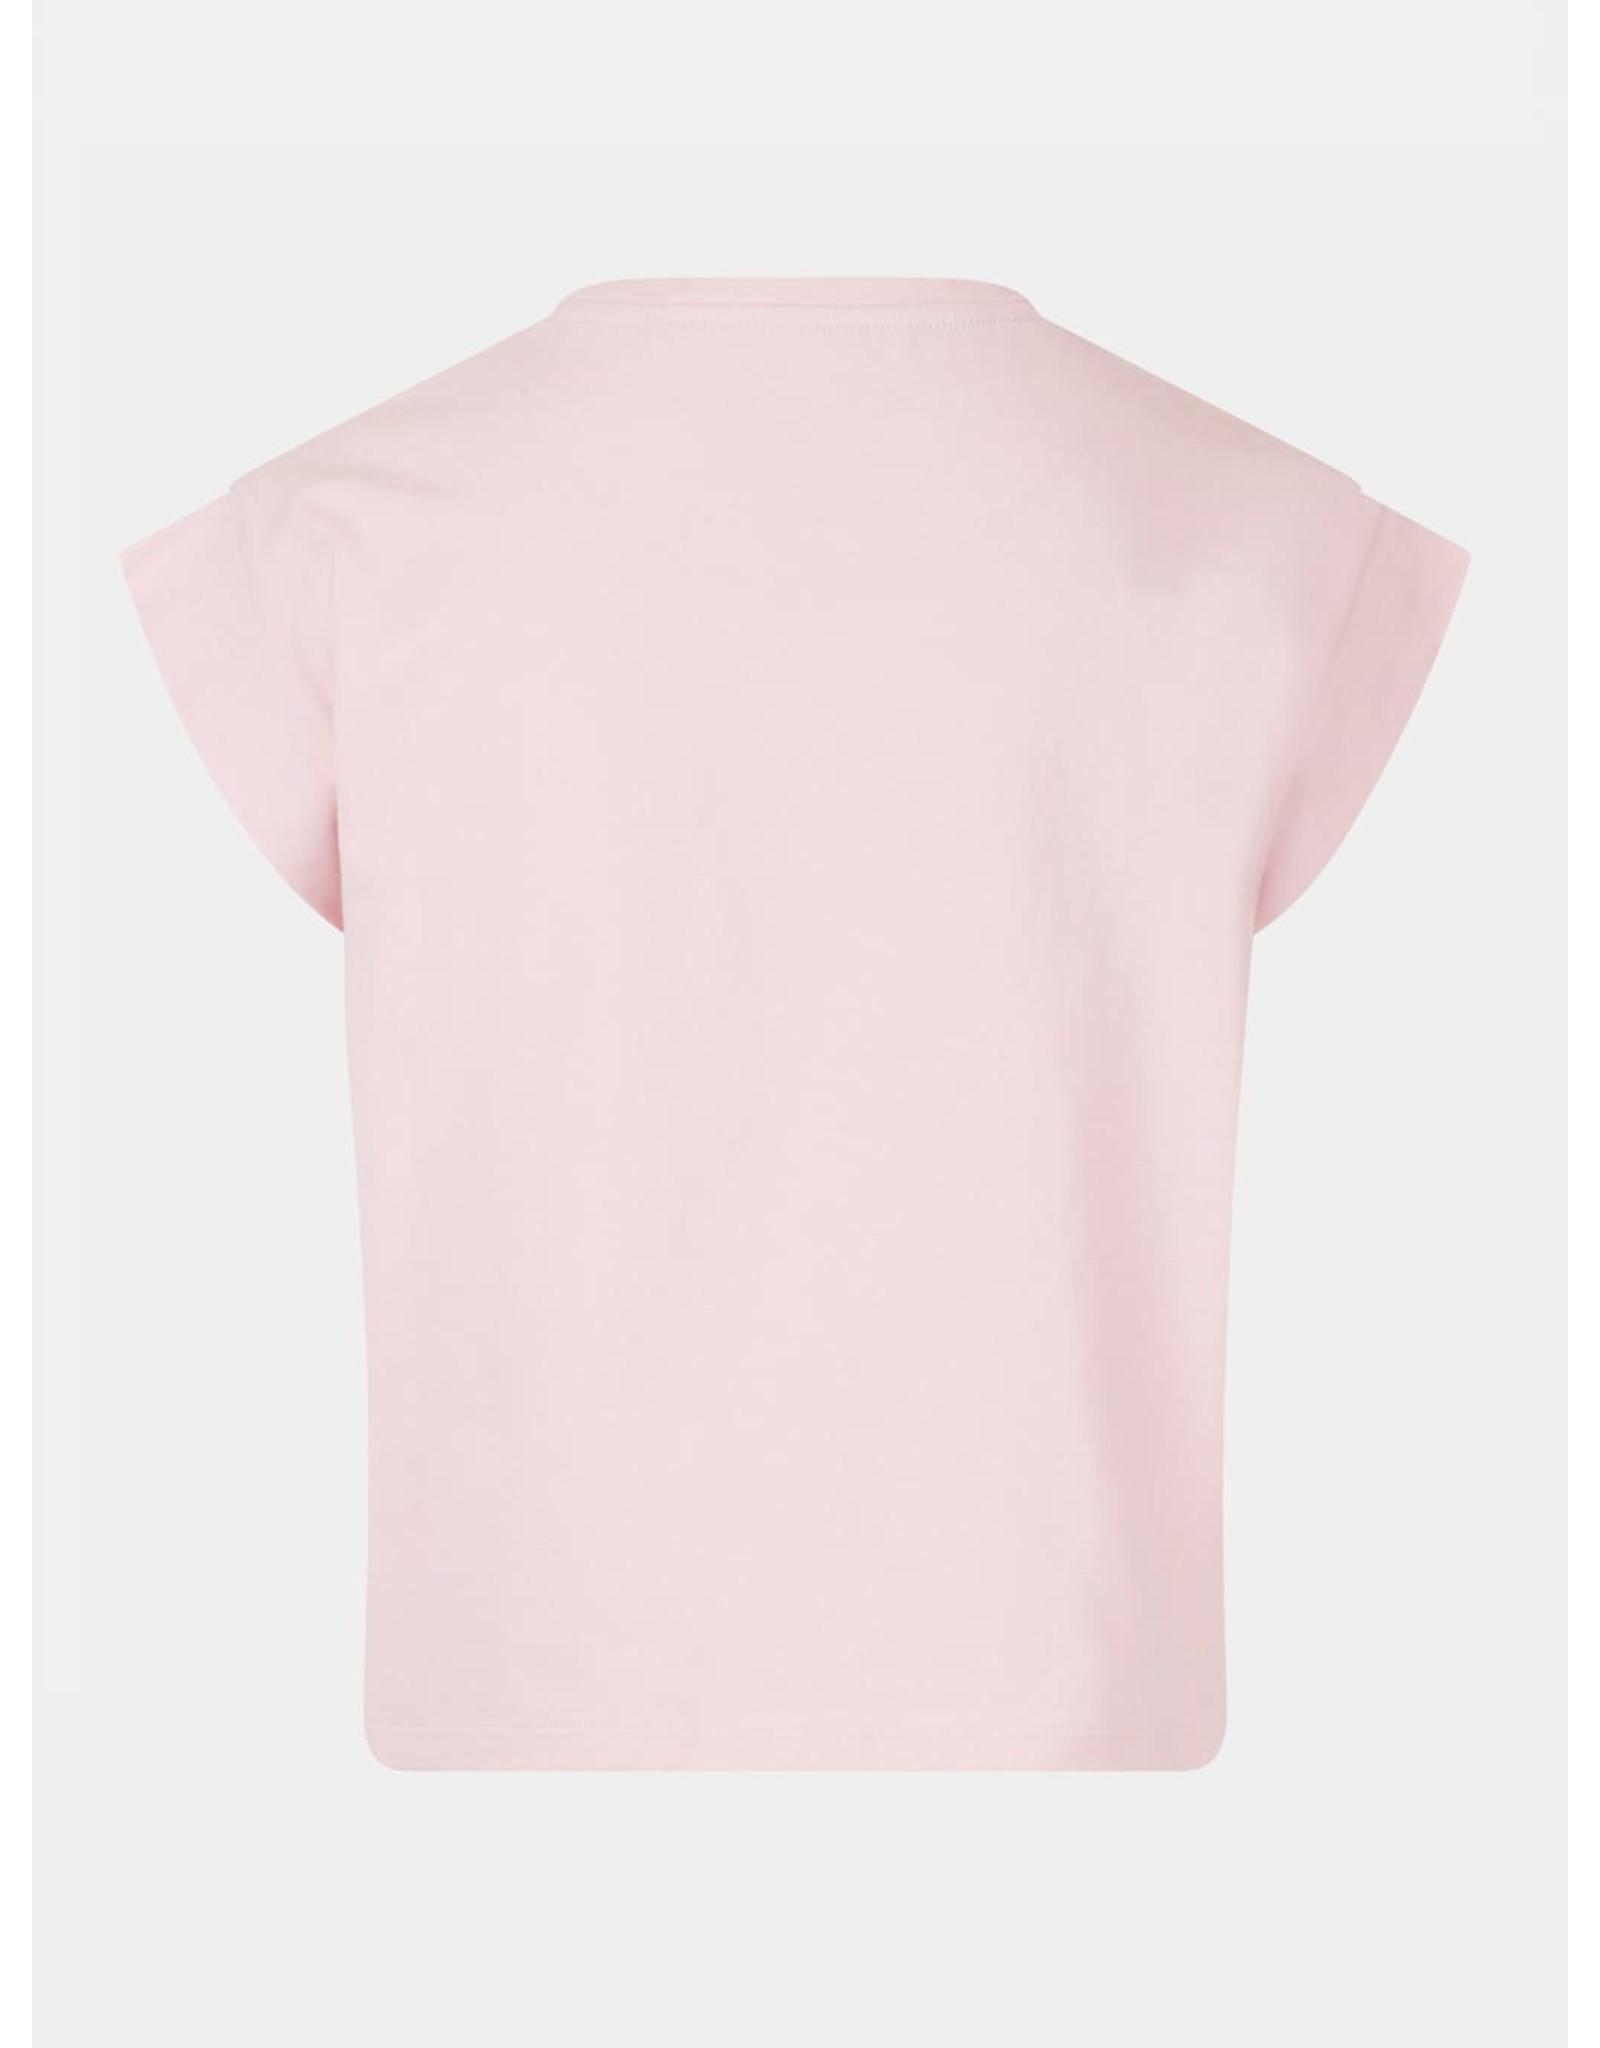 Guess T-shirt Katoen Logo Pink